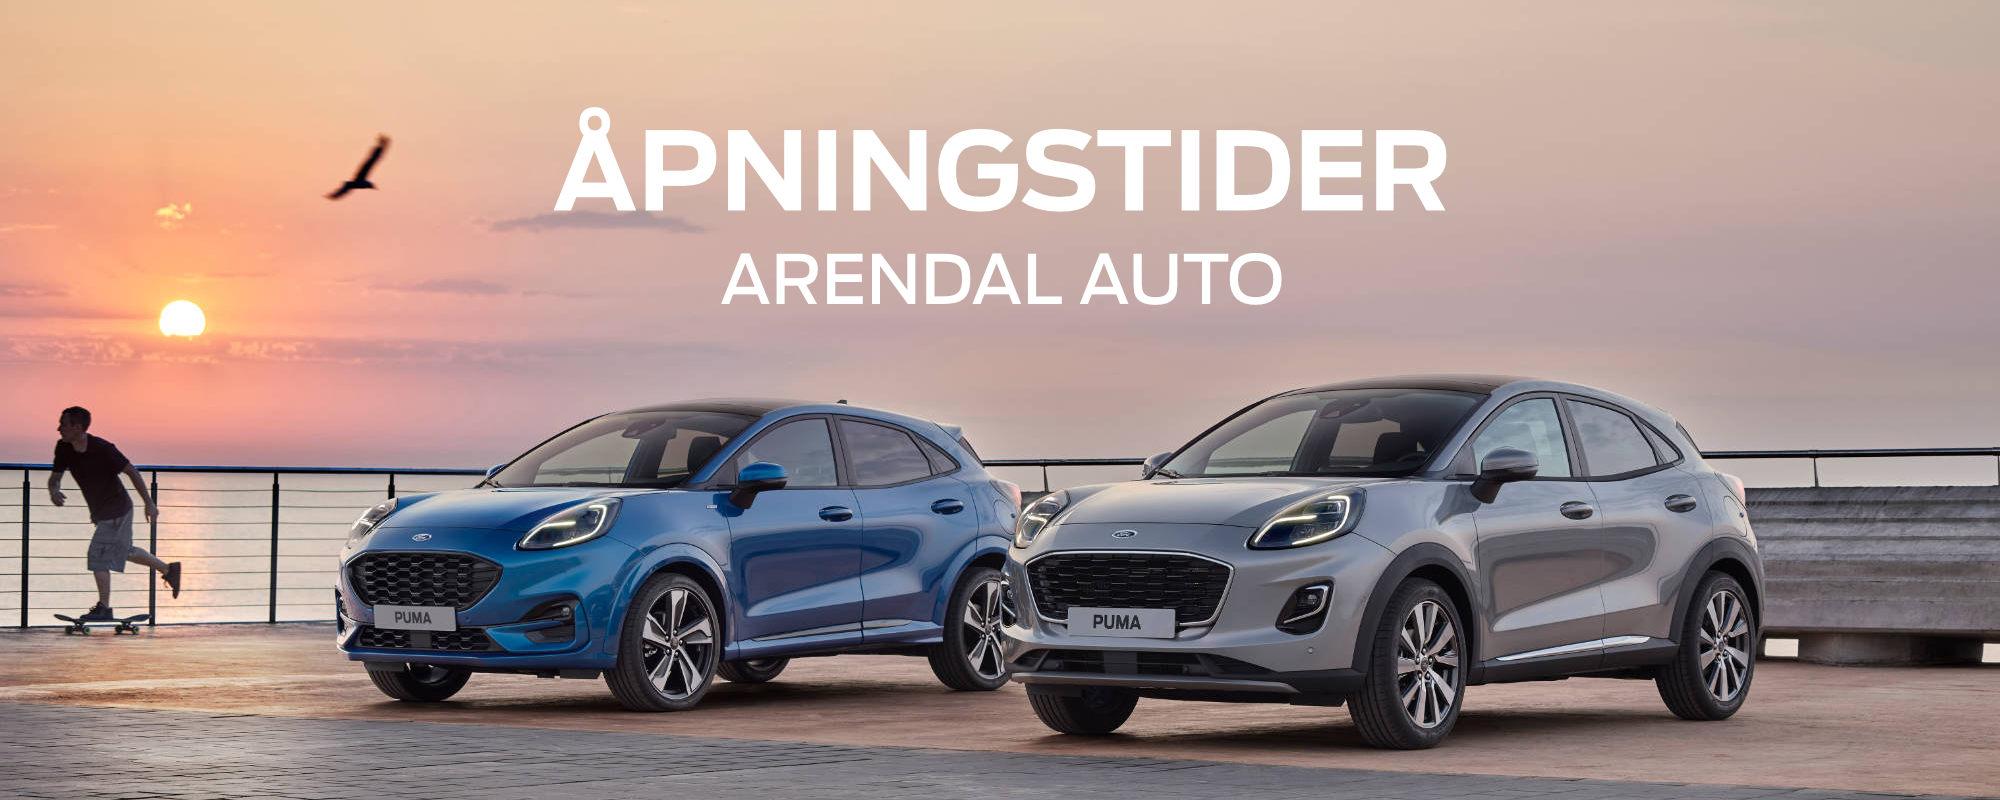 Åpningstider Ford Arendal - Focus Puma